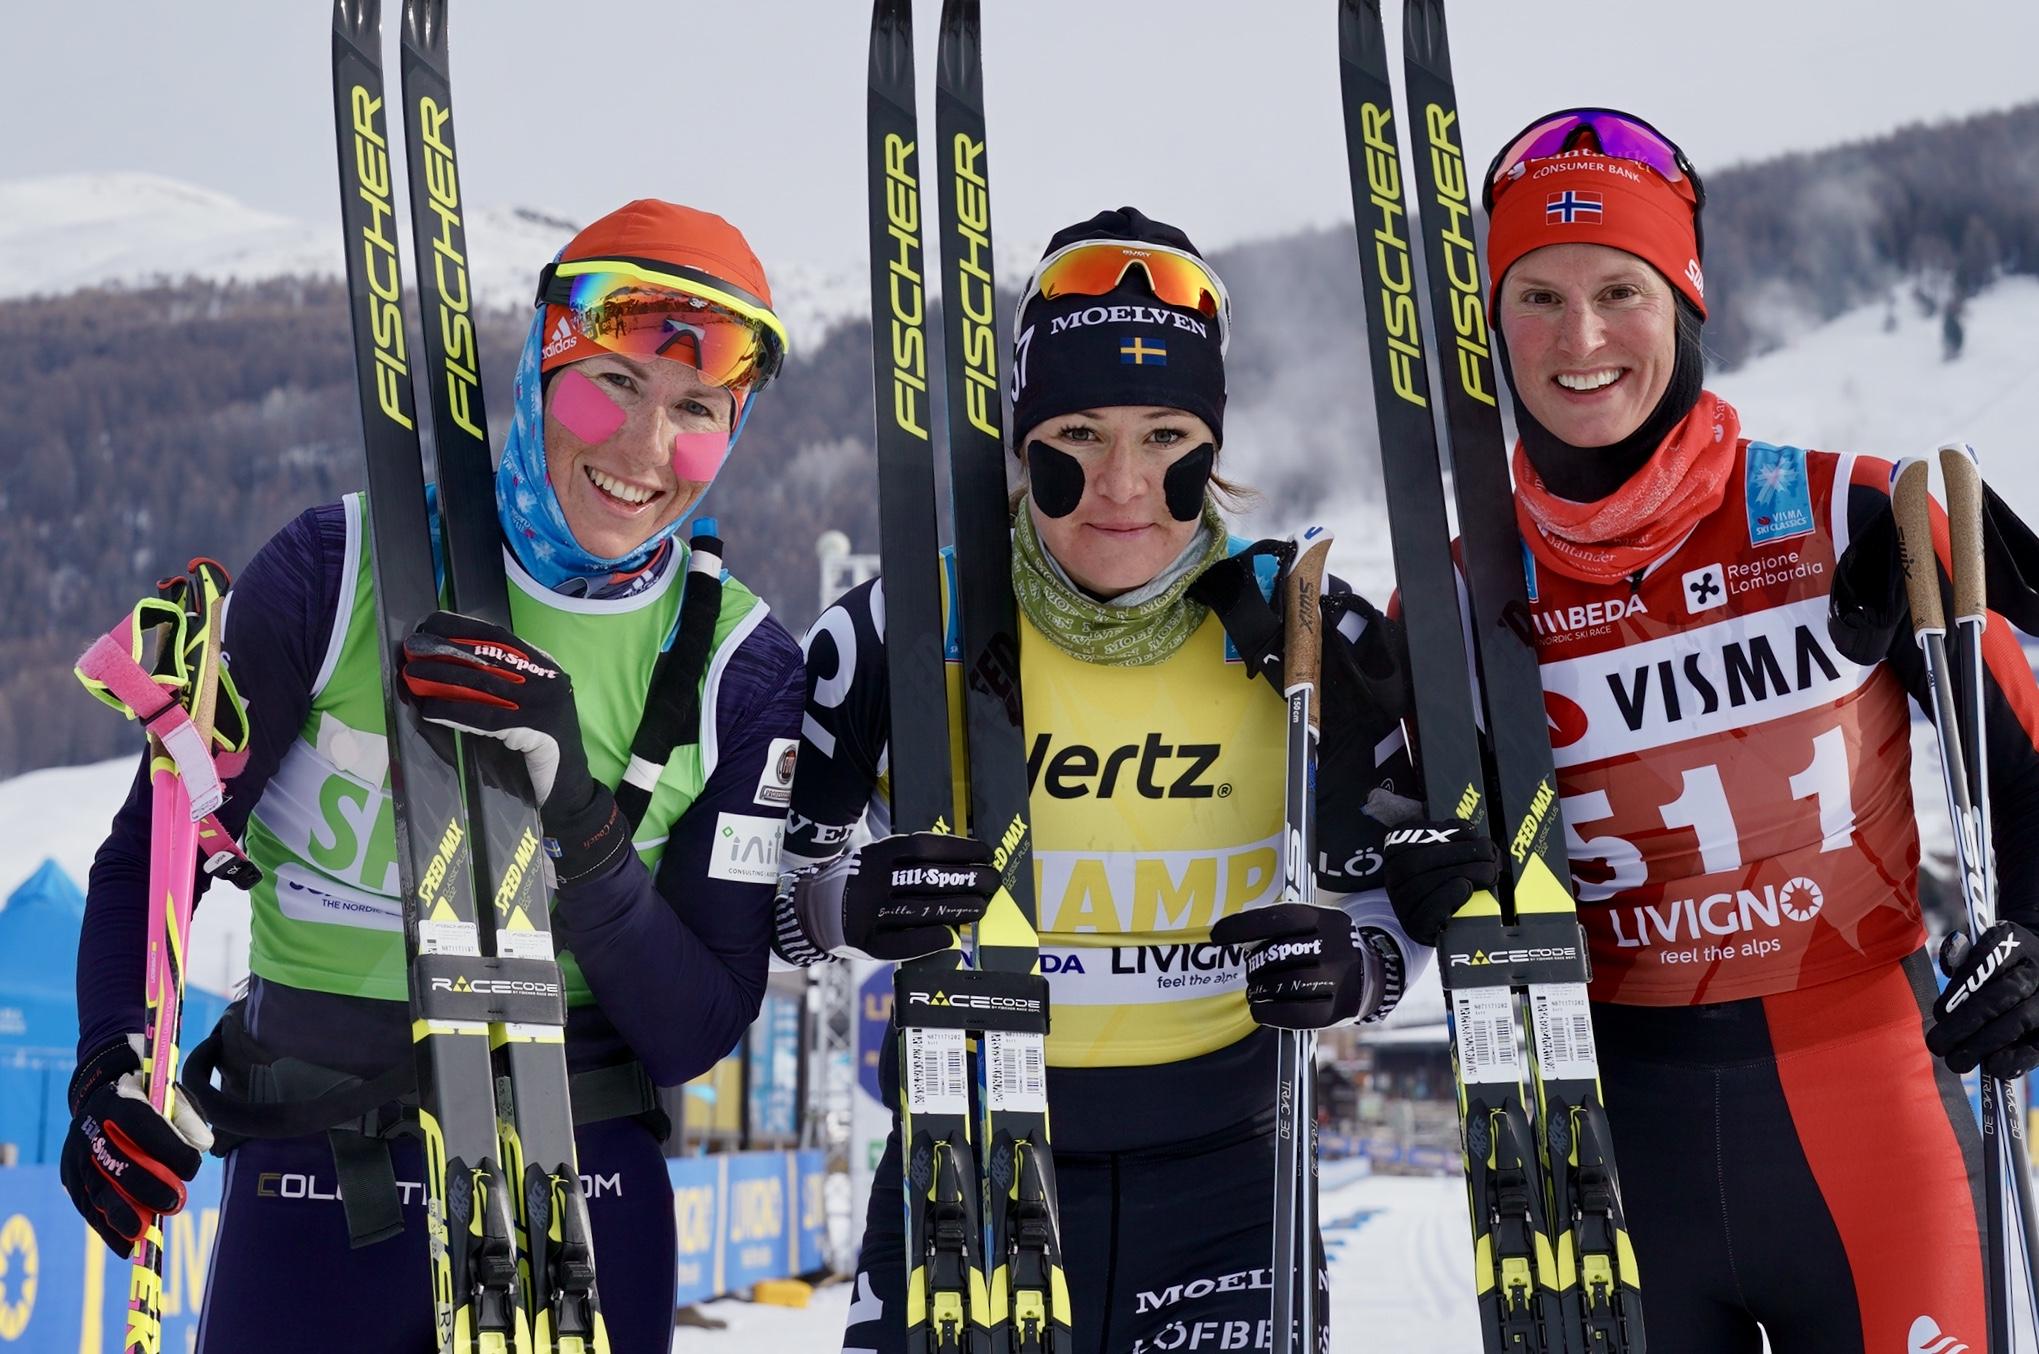 Katerina Smutna (2nd) Britta Johansson Norgren (winner) Kari Vikhagen Gjeitnes (3rd)